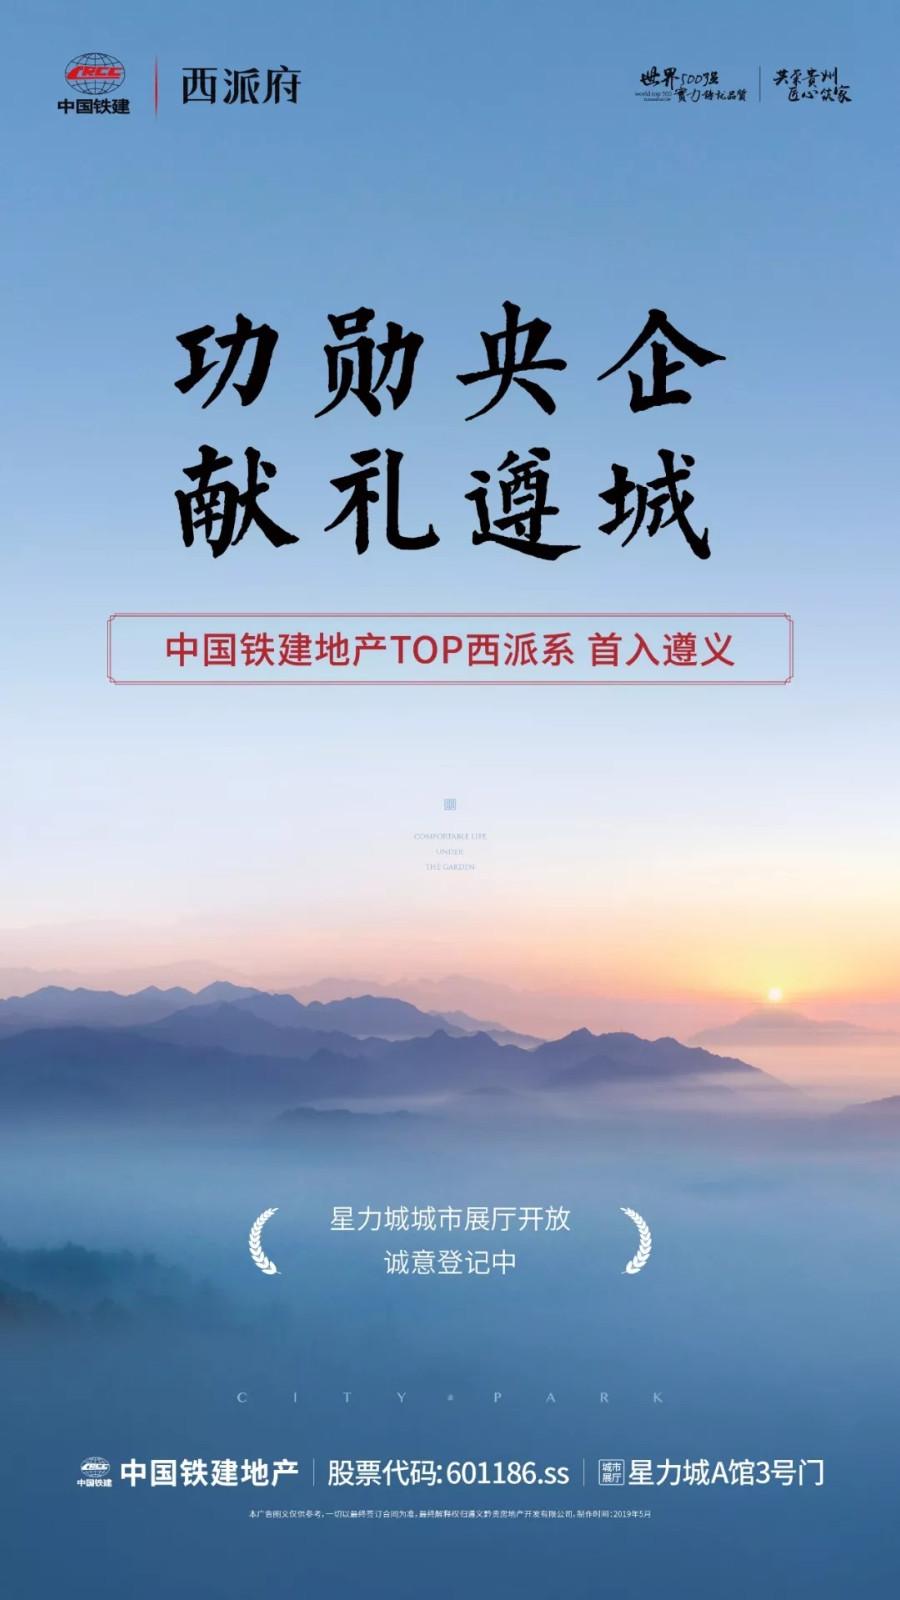 中国铁建西派系献礼遵义 尊奢成渝行邀您出发-中国网地产